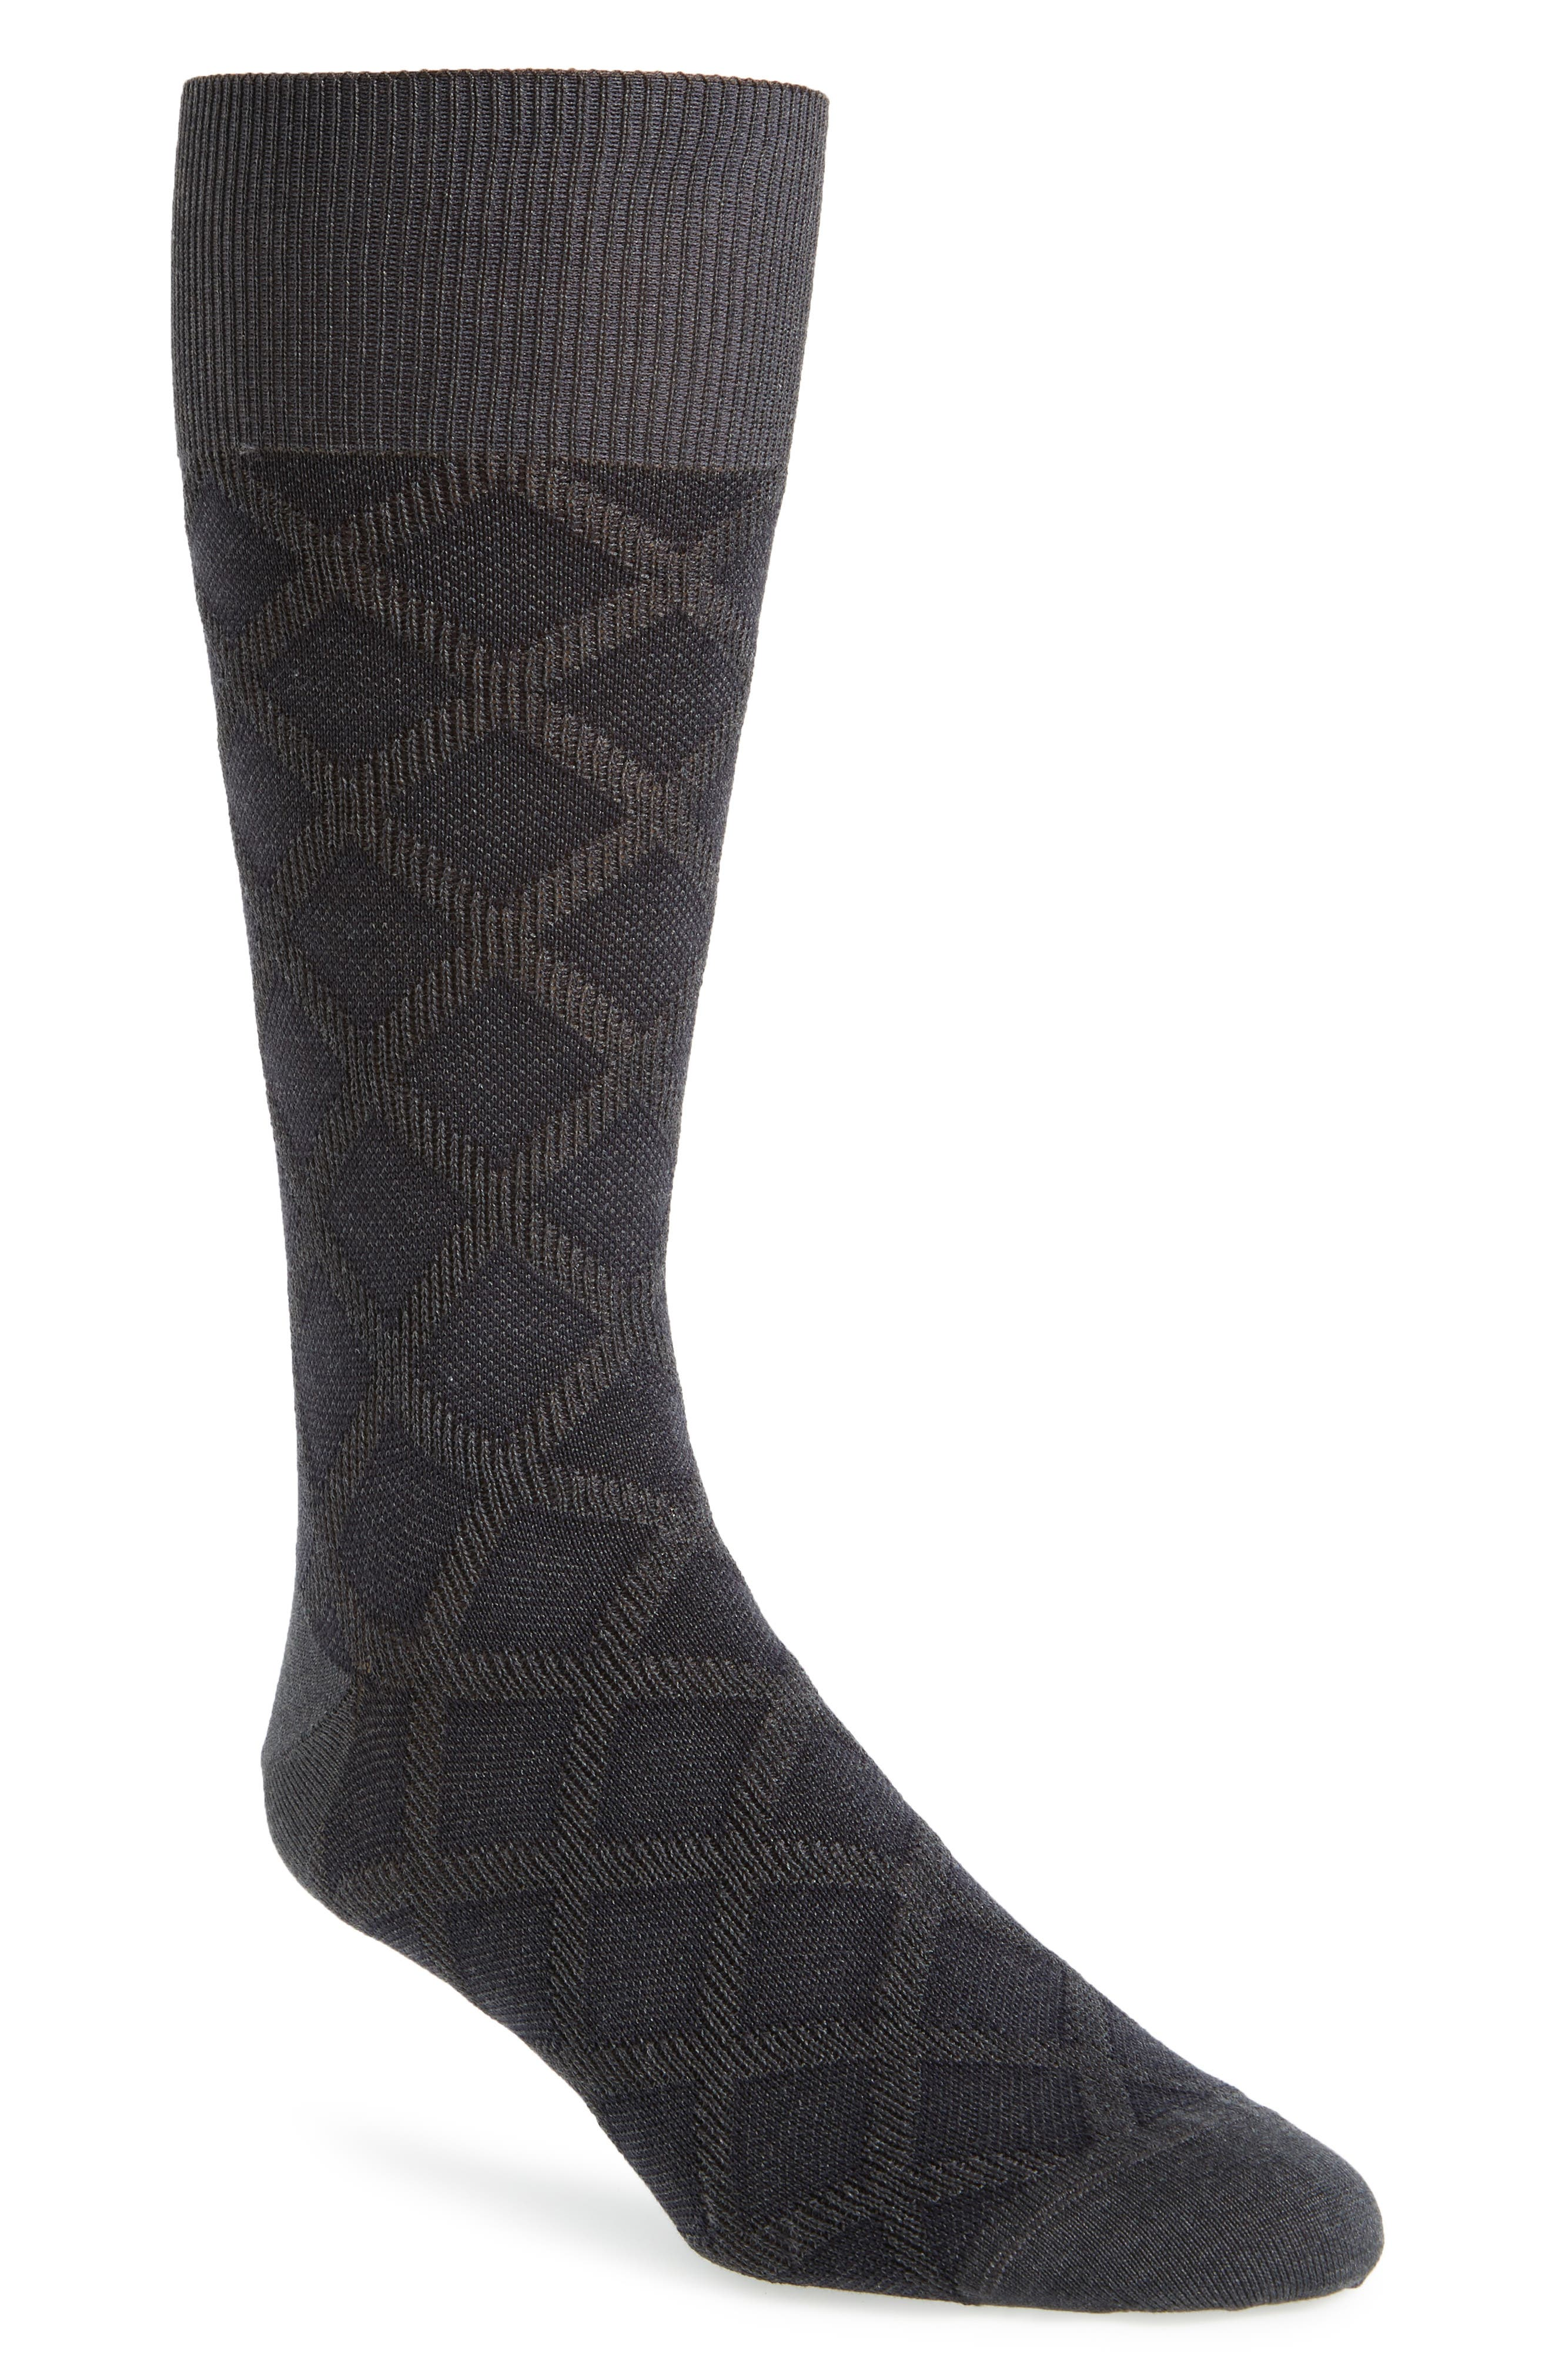 Argyle Socks,                         Main,                         color, 021